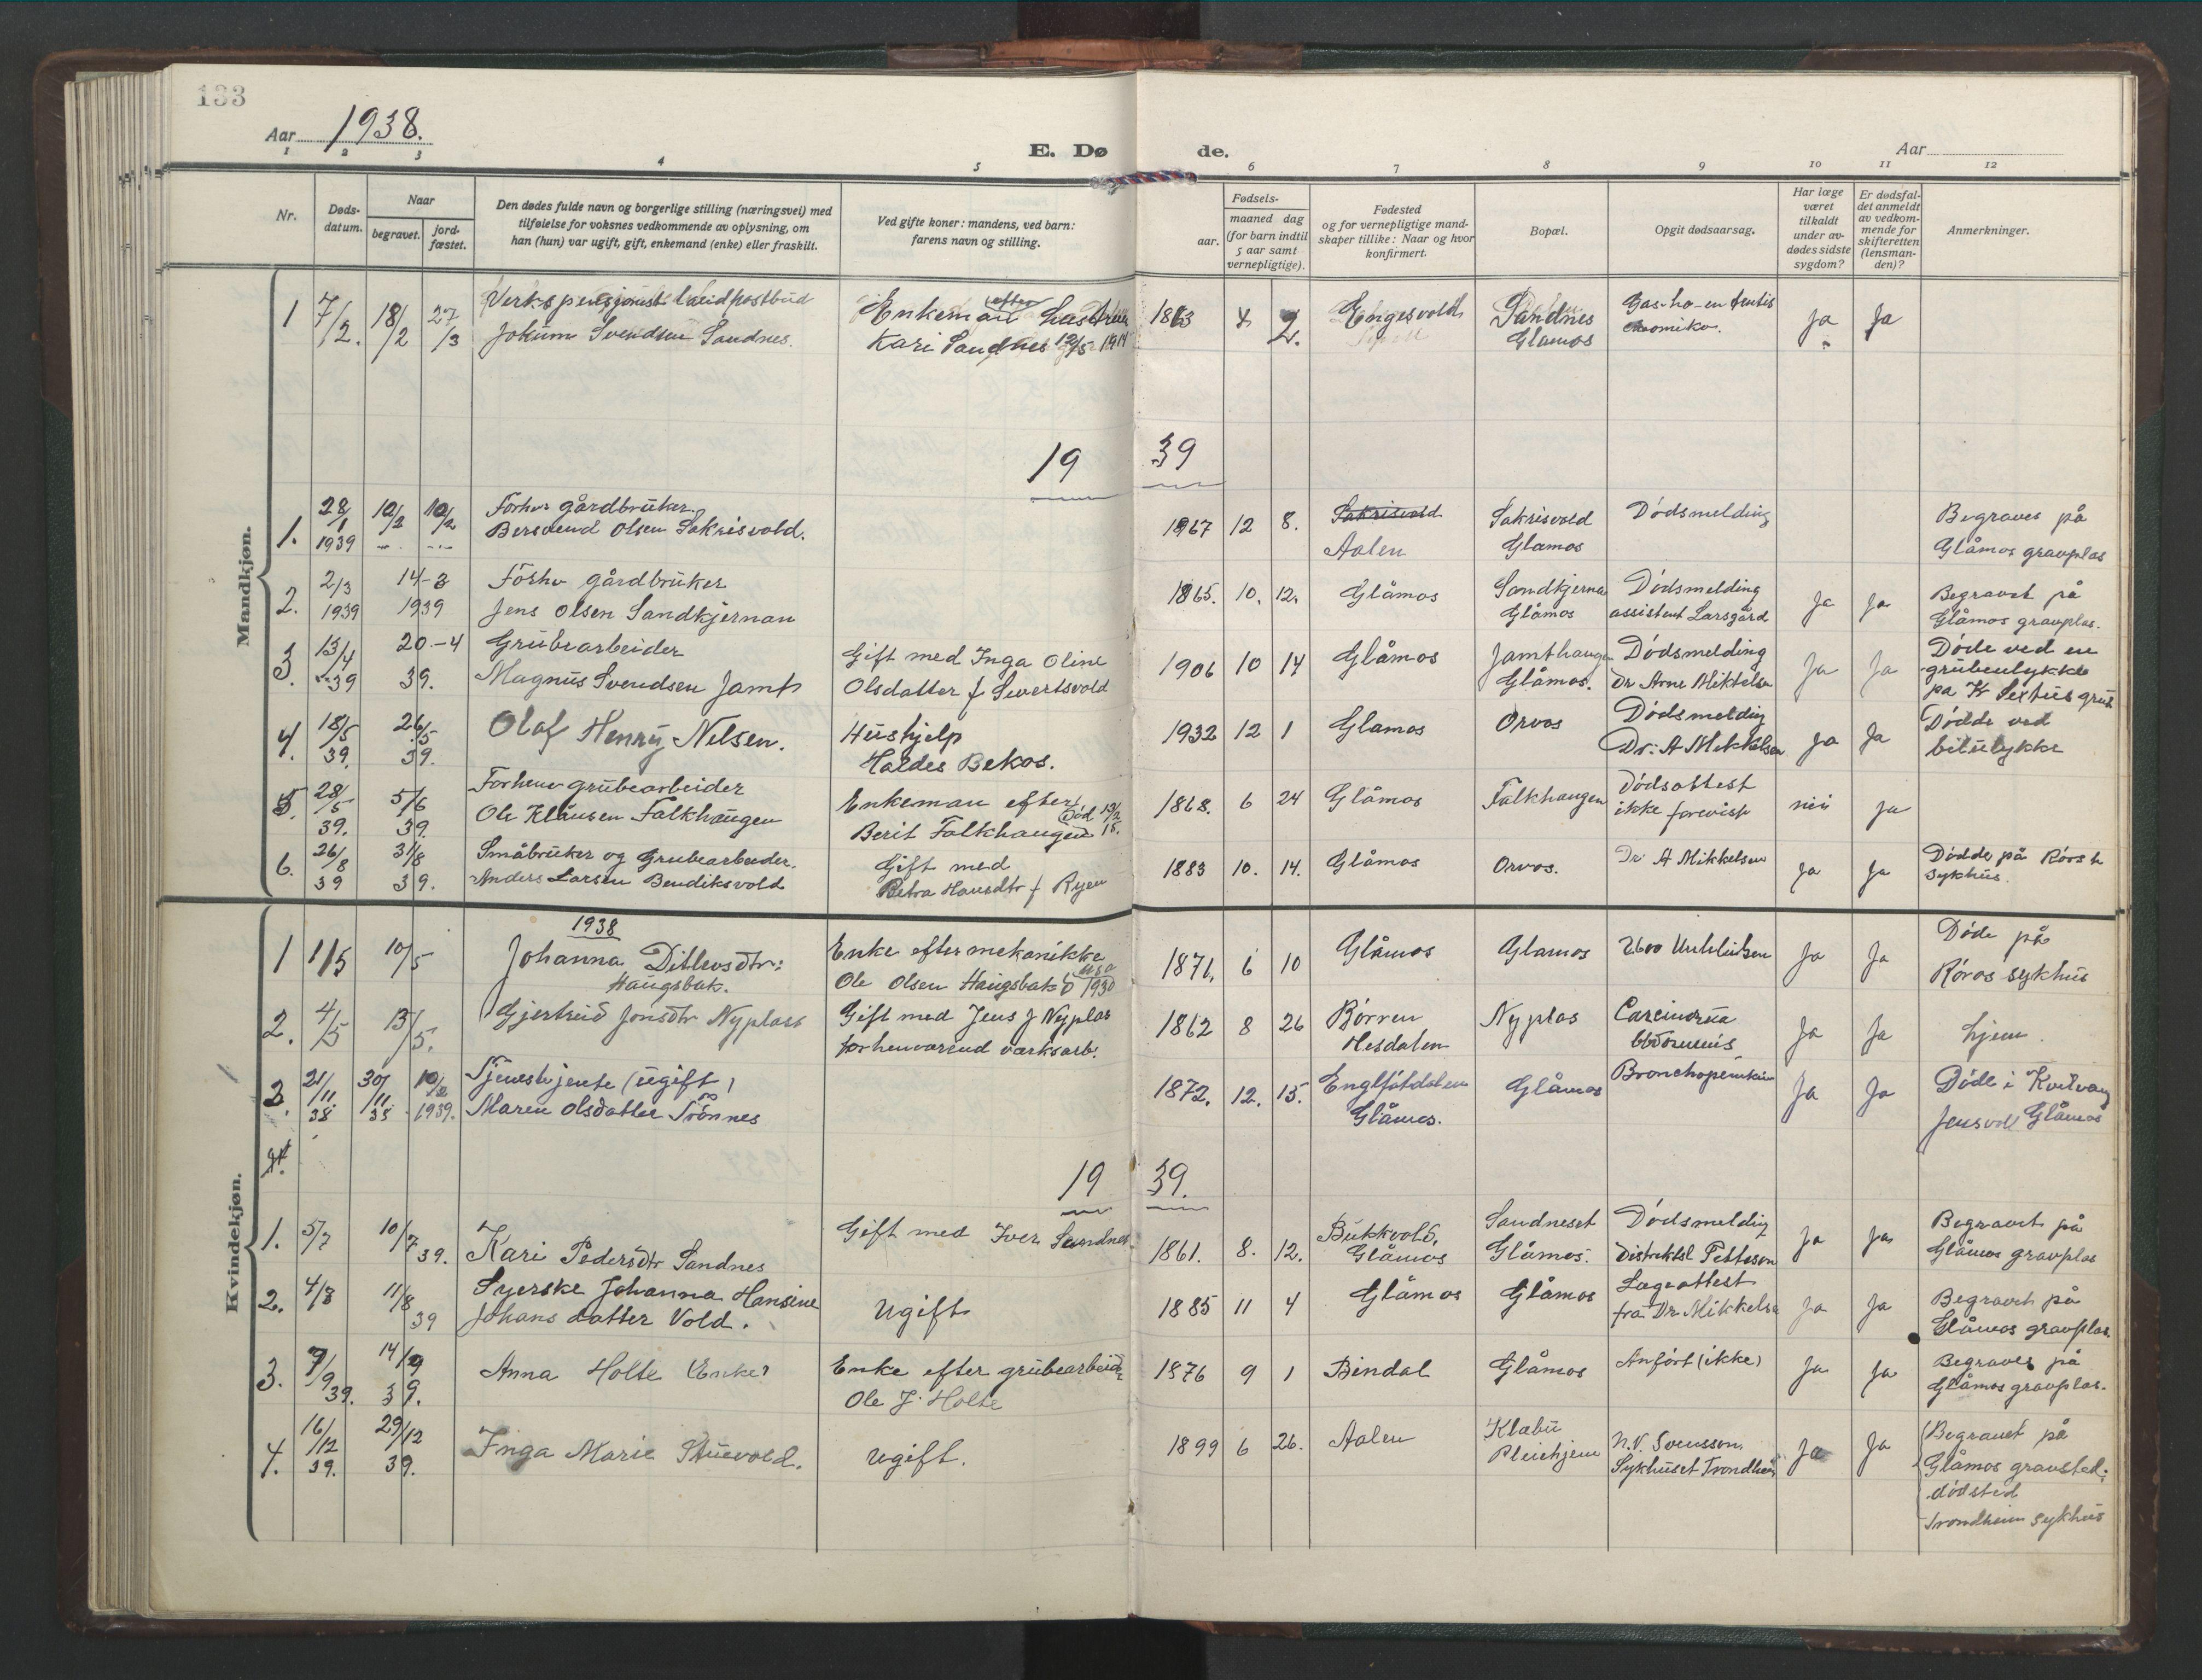 SAT, Ministerialprotokoller, klokkerbøker og fødselsregistre - Sør-Trøndelag, 682/L0947: Klokkerbok nr. 682C01, 1926-1968, s. 133